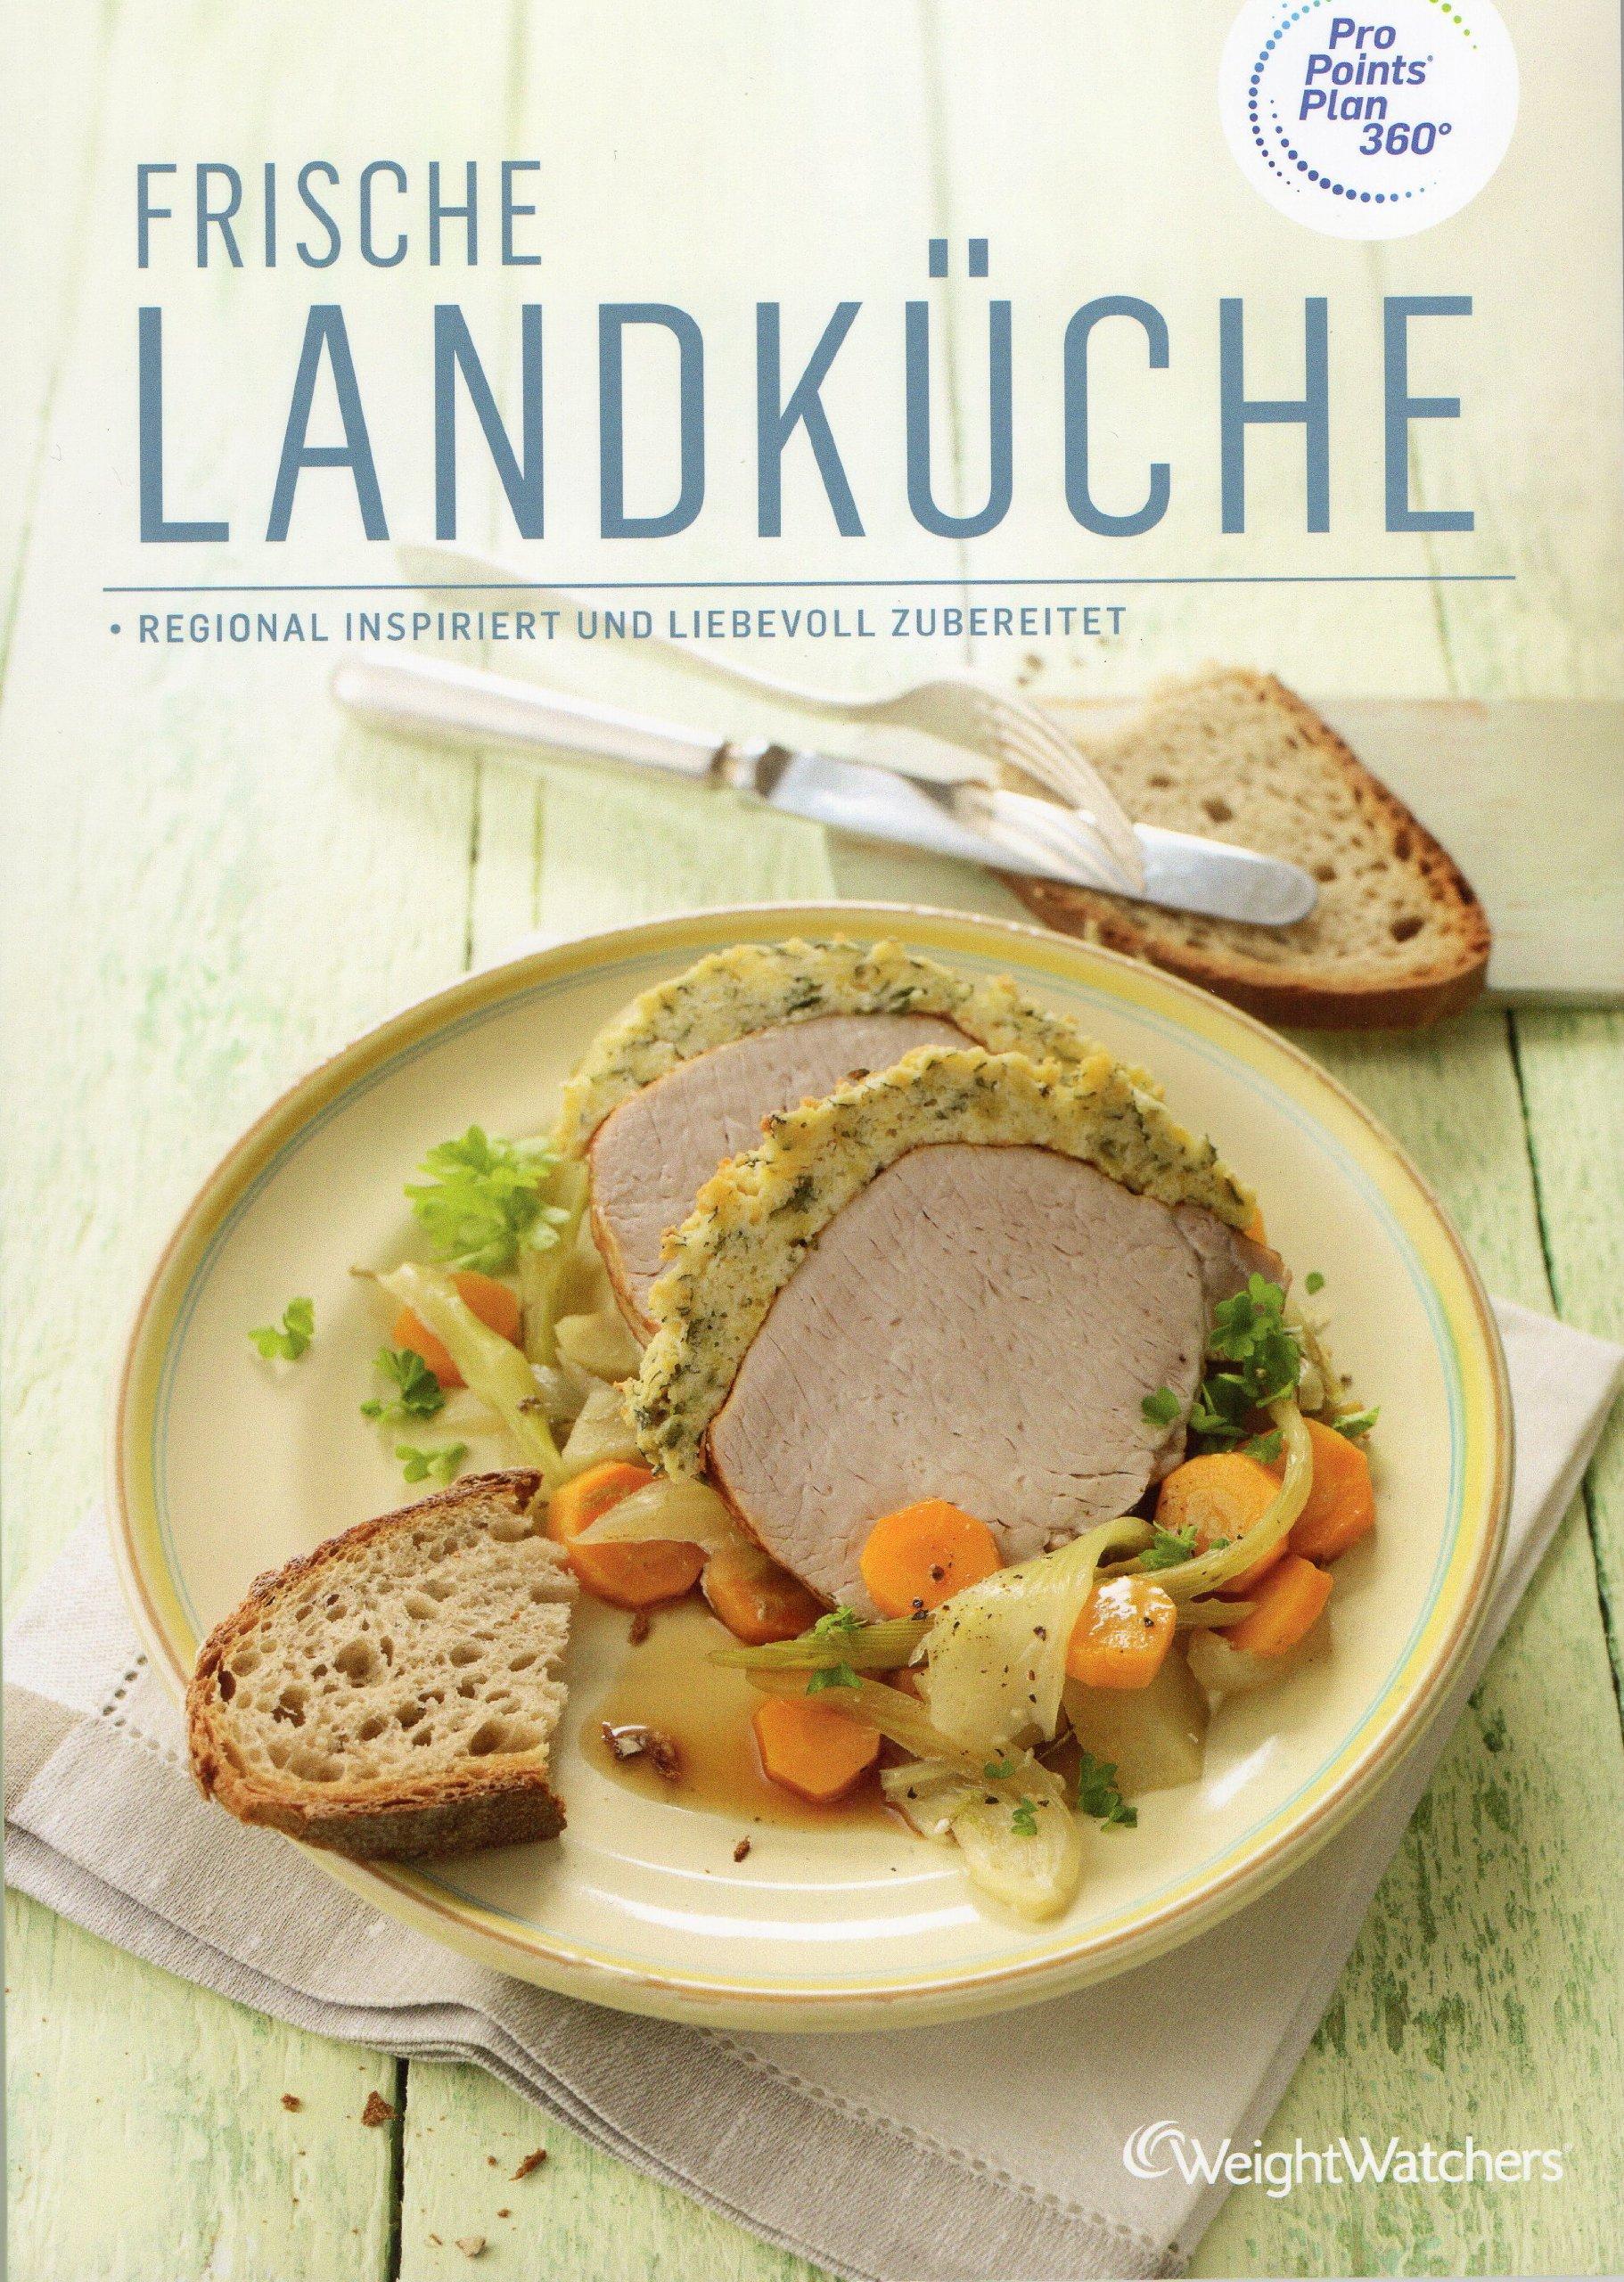 Niedlich Little Tikes Landküche Fotos - Ideen Für Die Küche ...